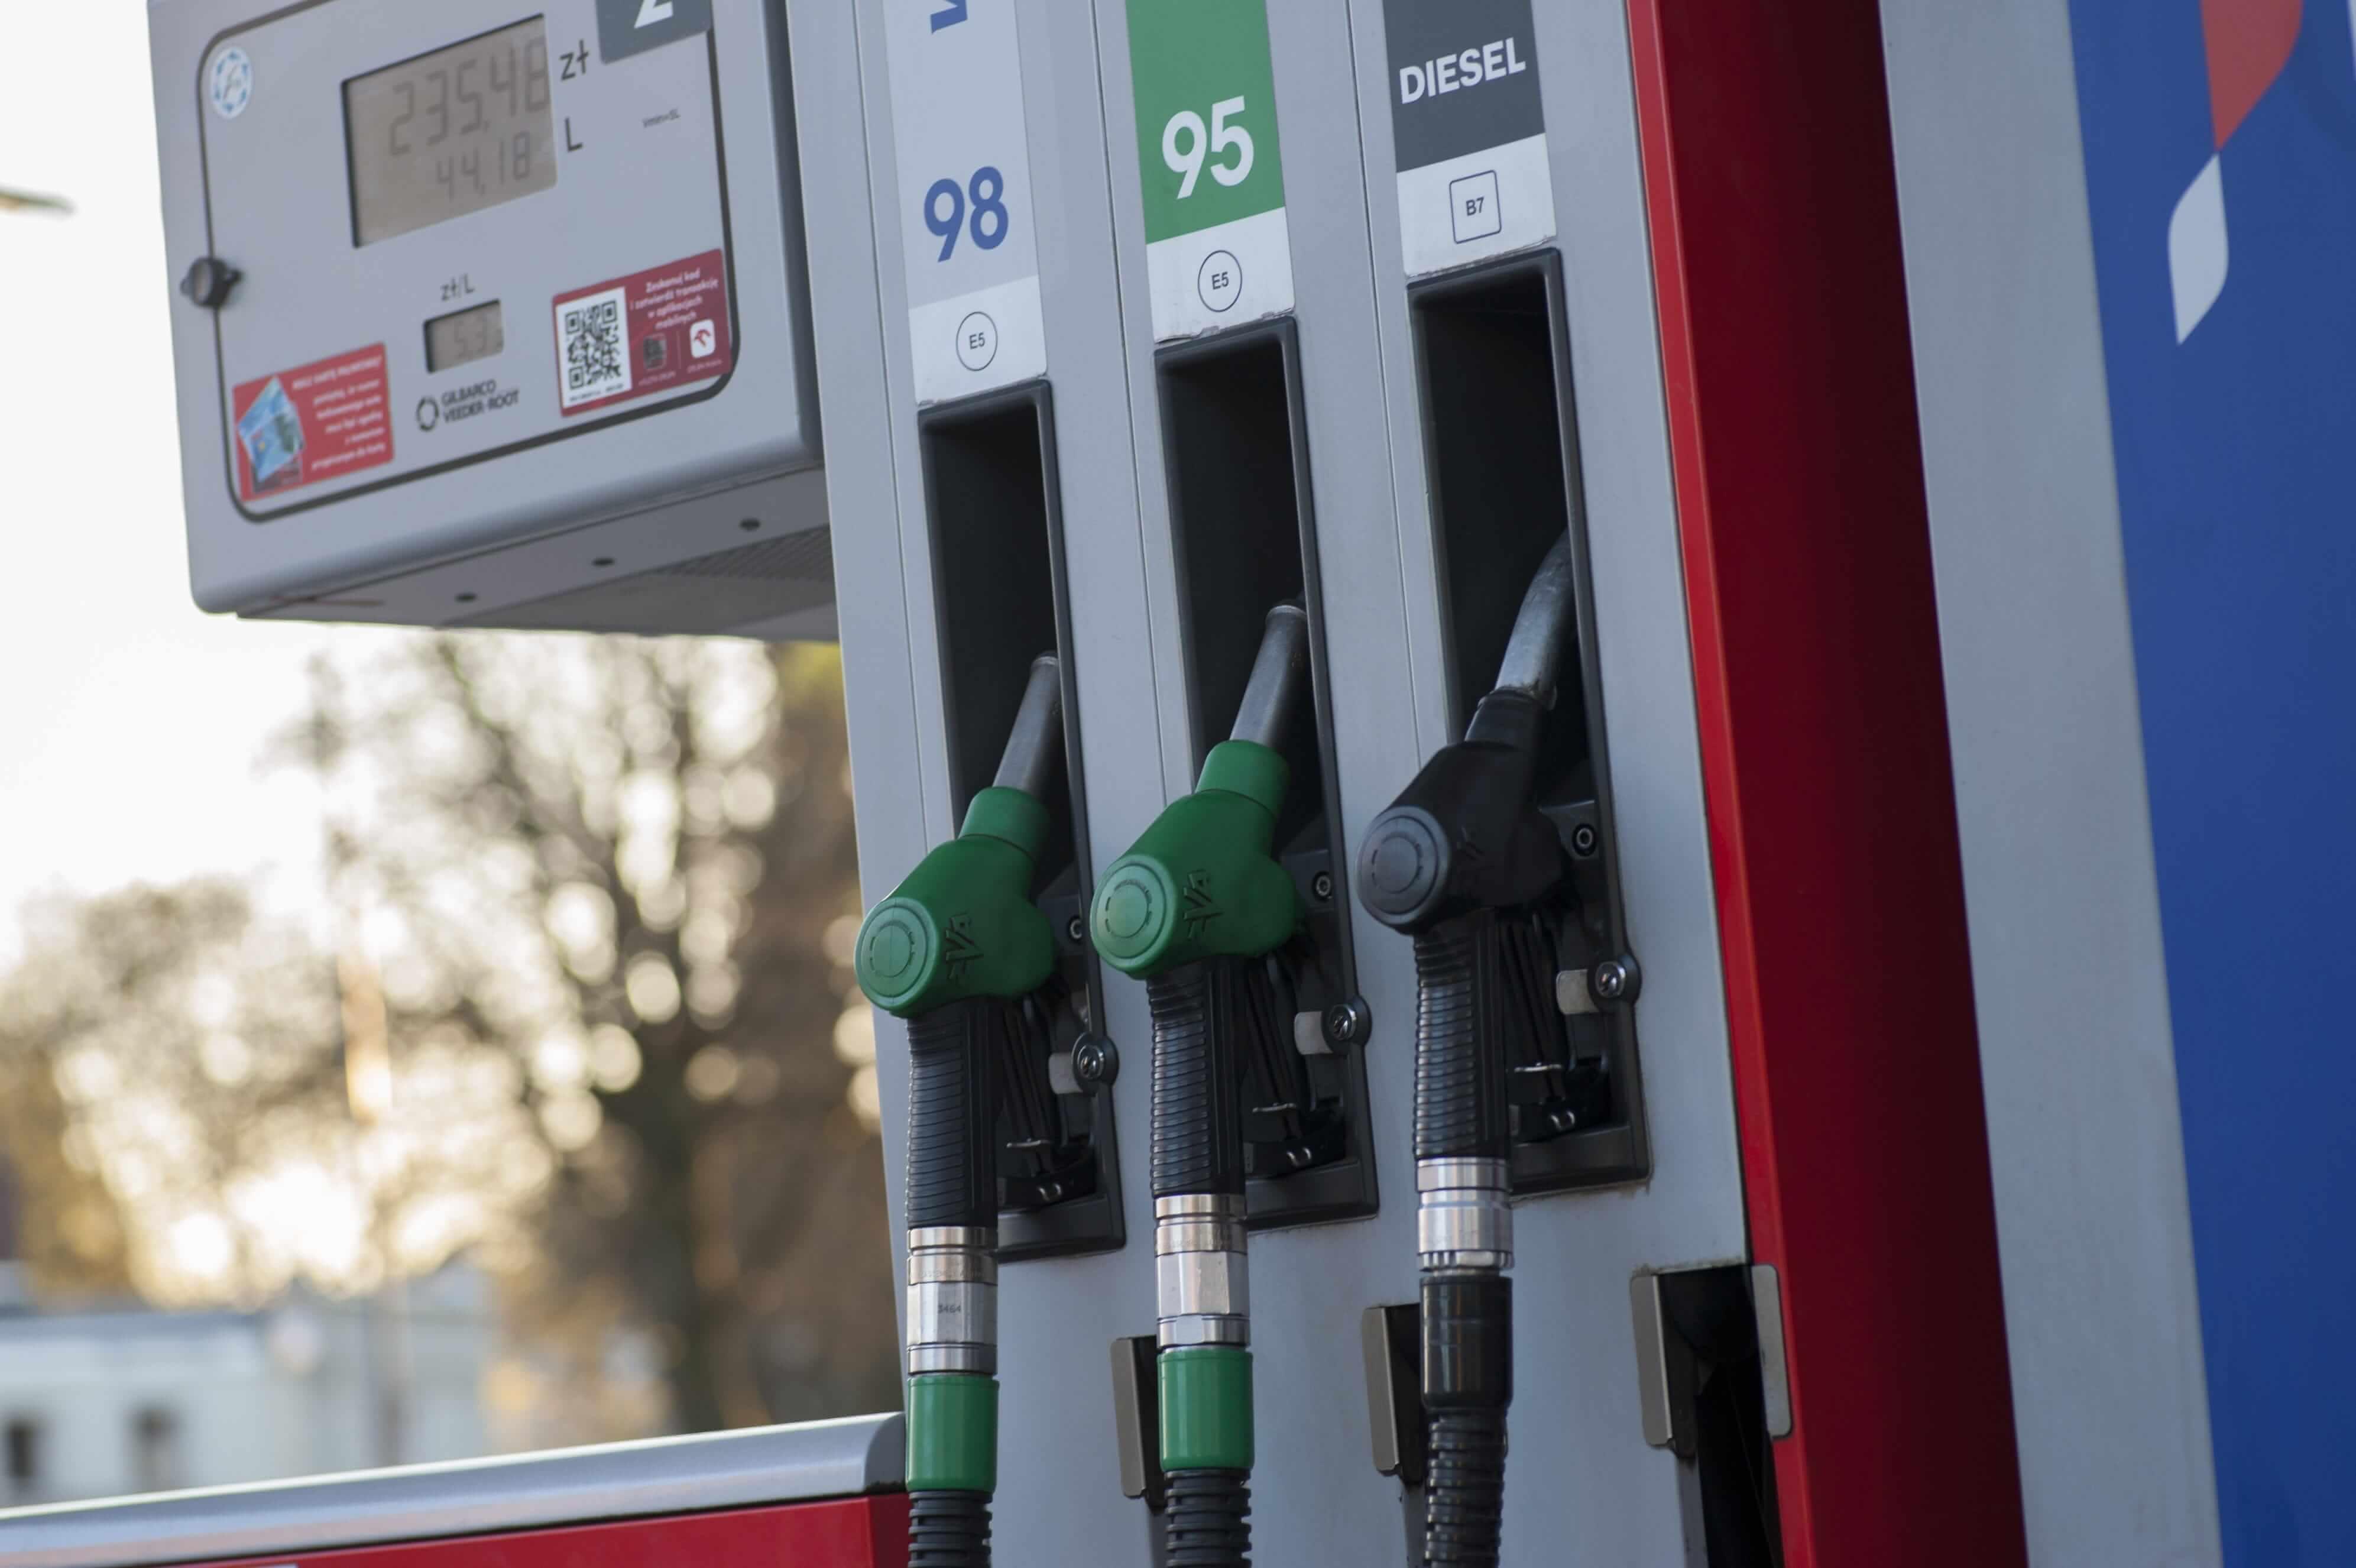 Diesel and petrol pumps